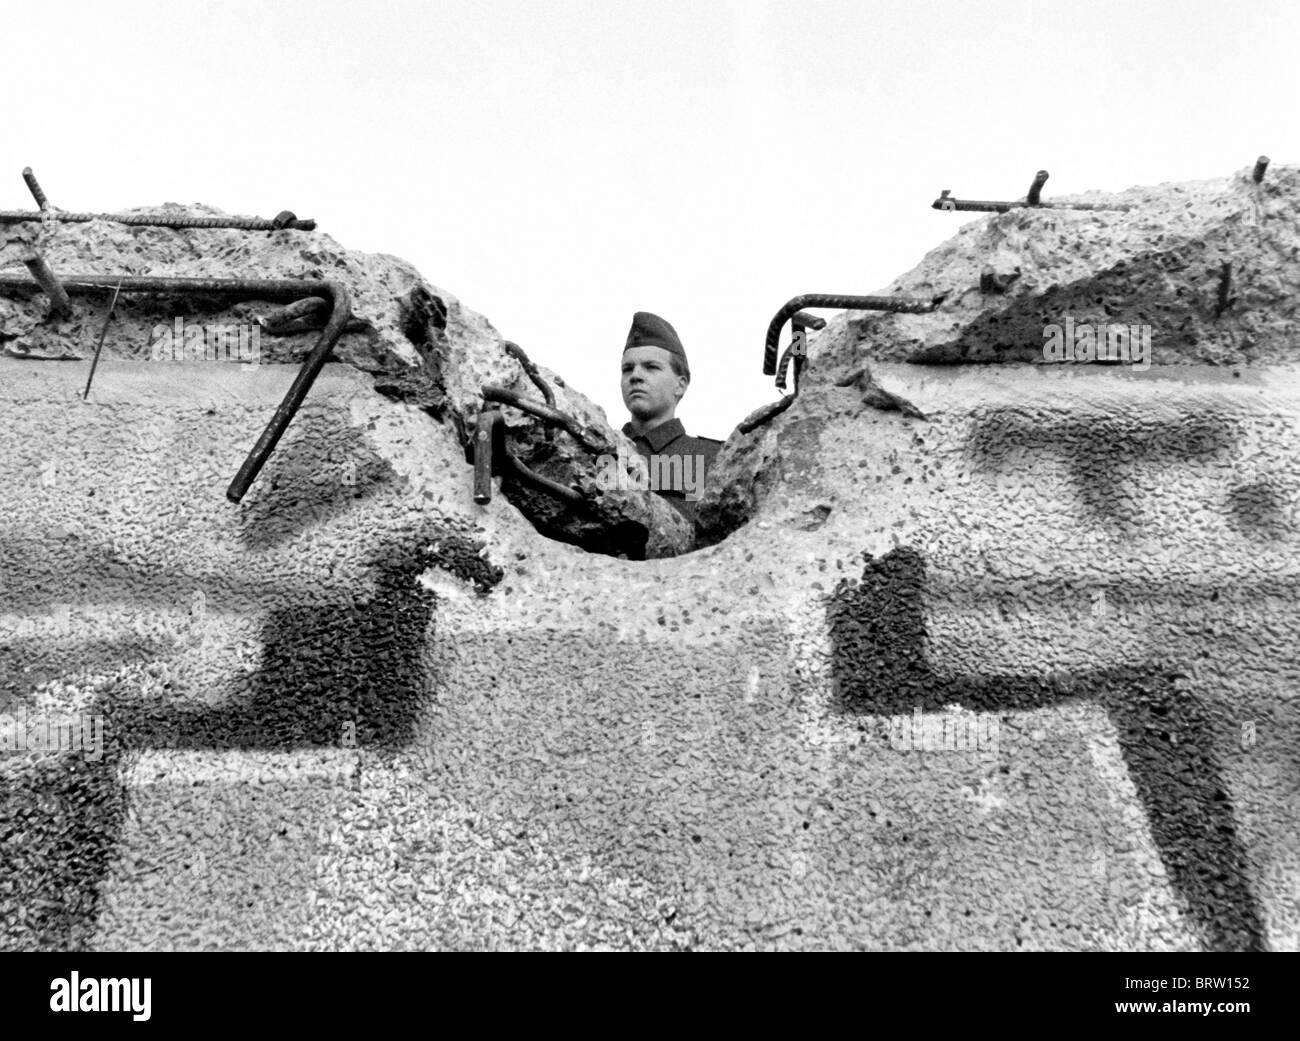 Fall der Berliner Mauer, Sonntag, 12. November 1989 Stockbild